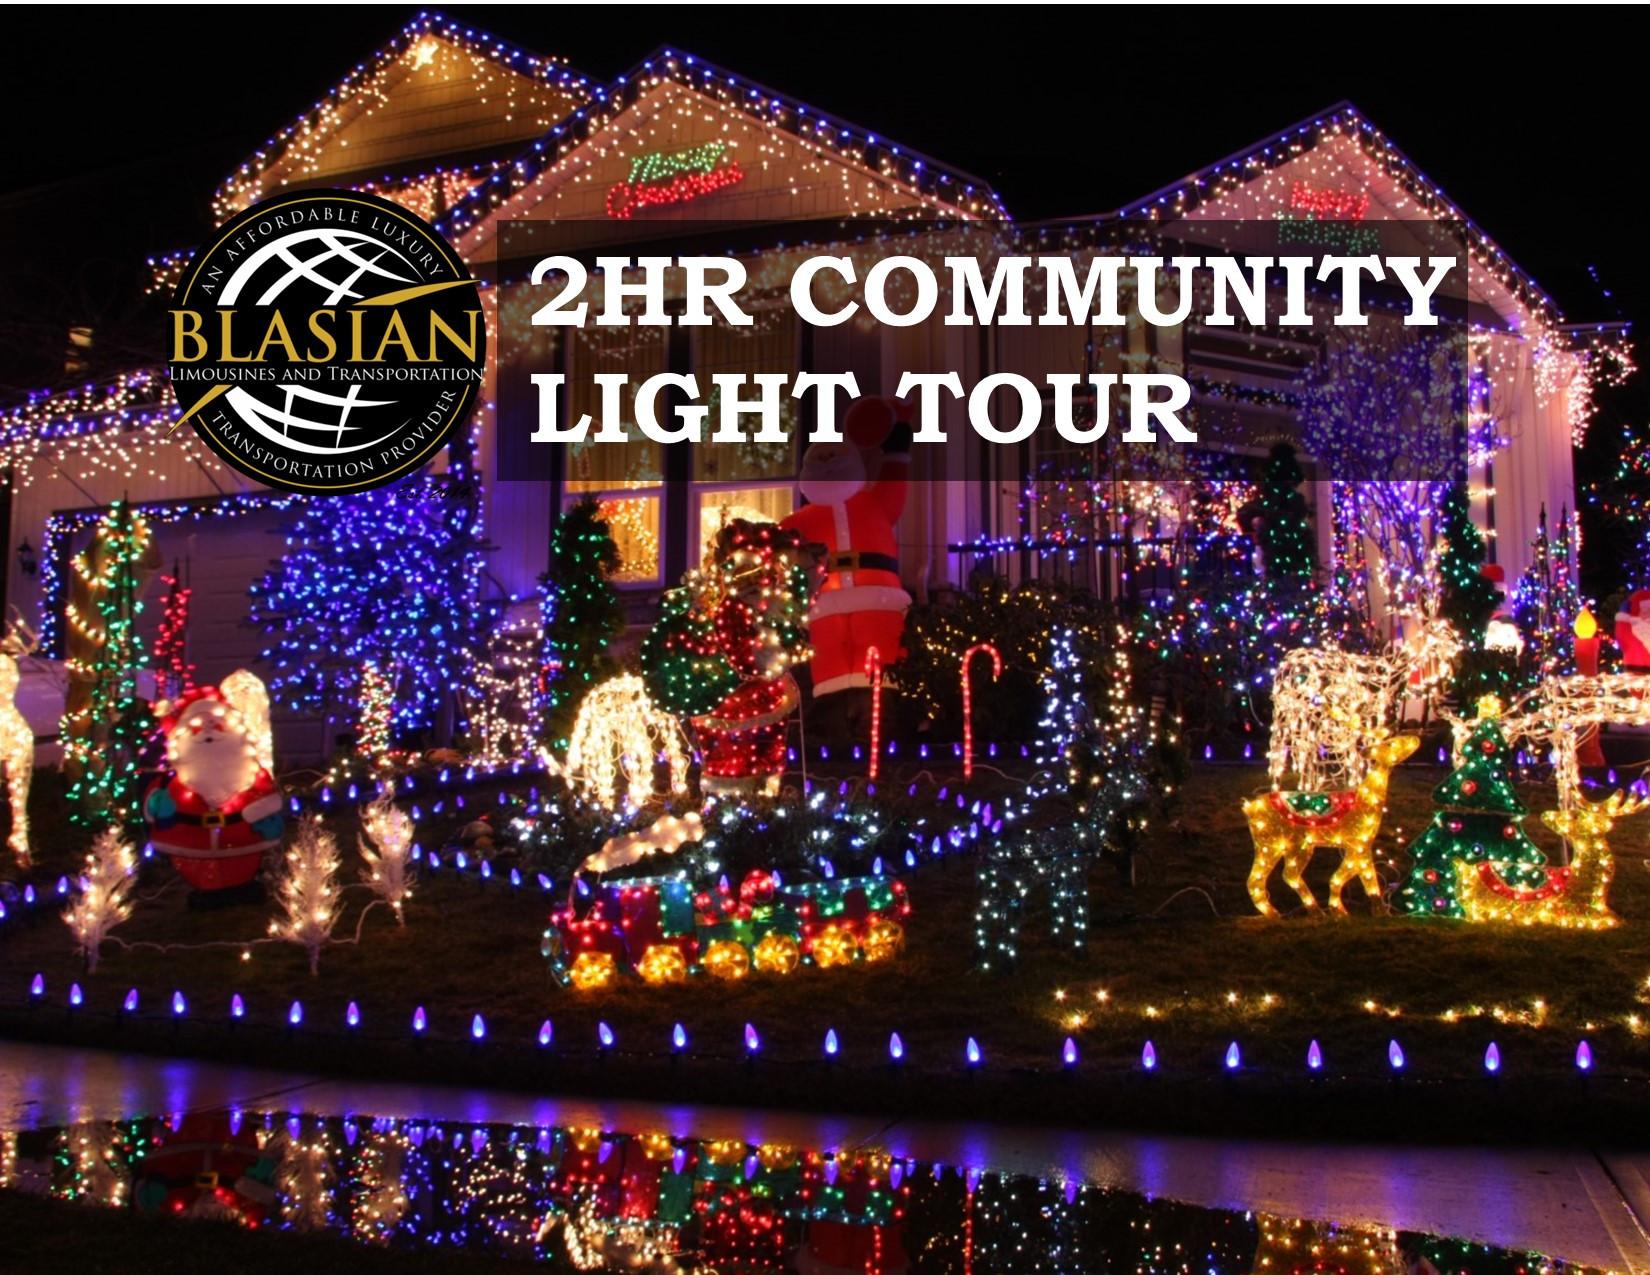 2Hr COMMUNITY LIGHT TOUR